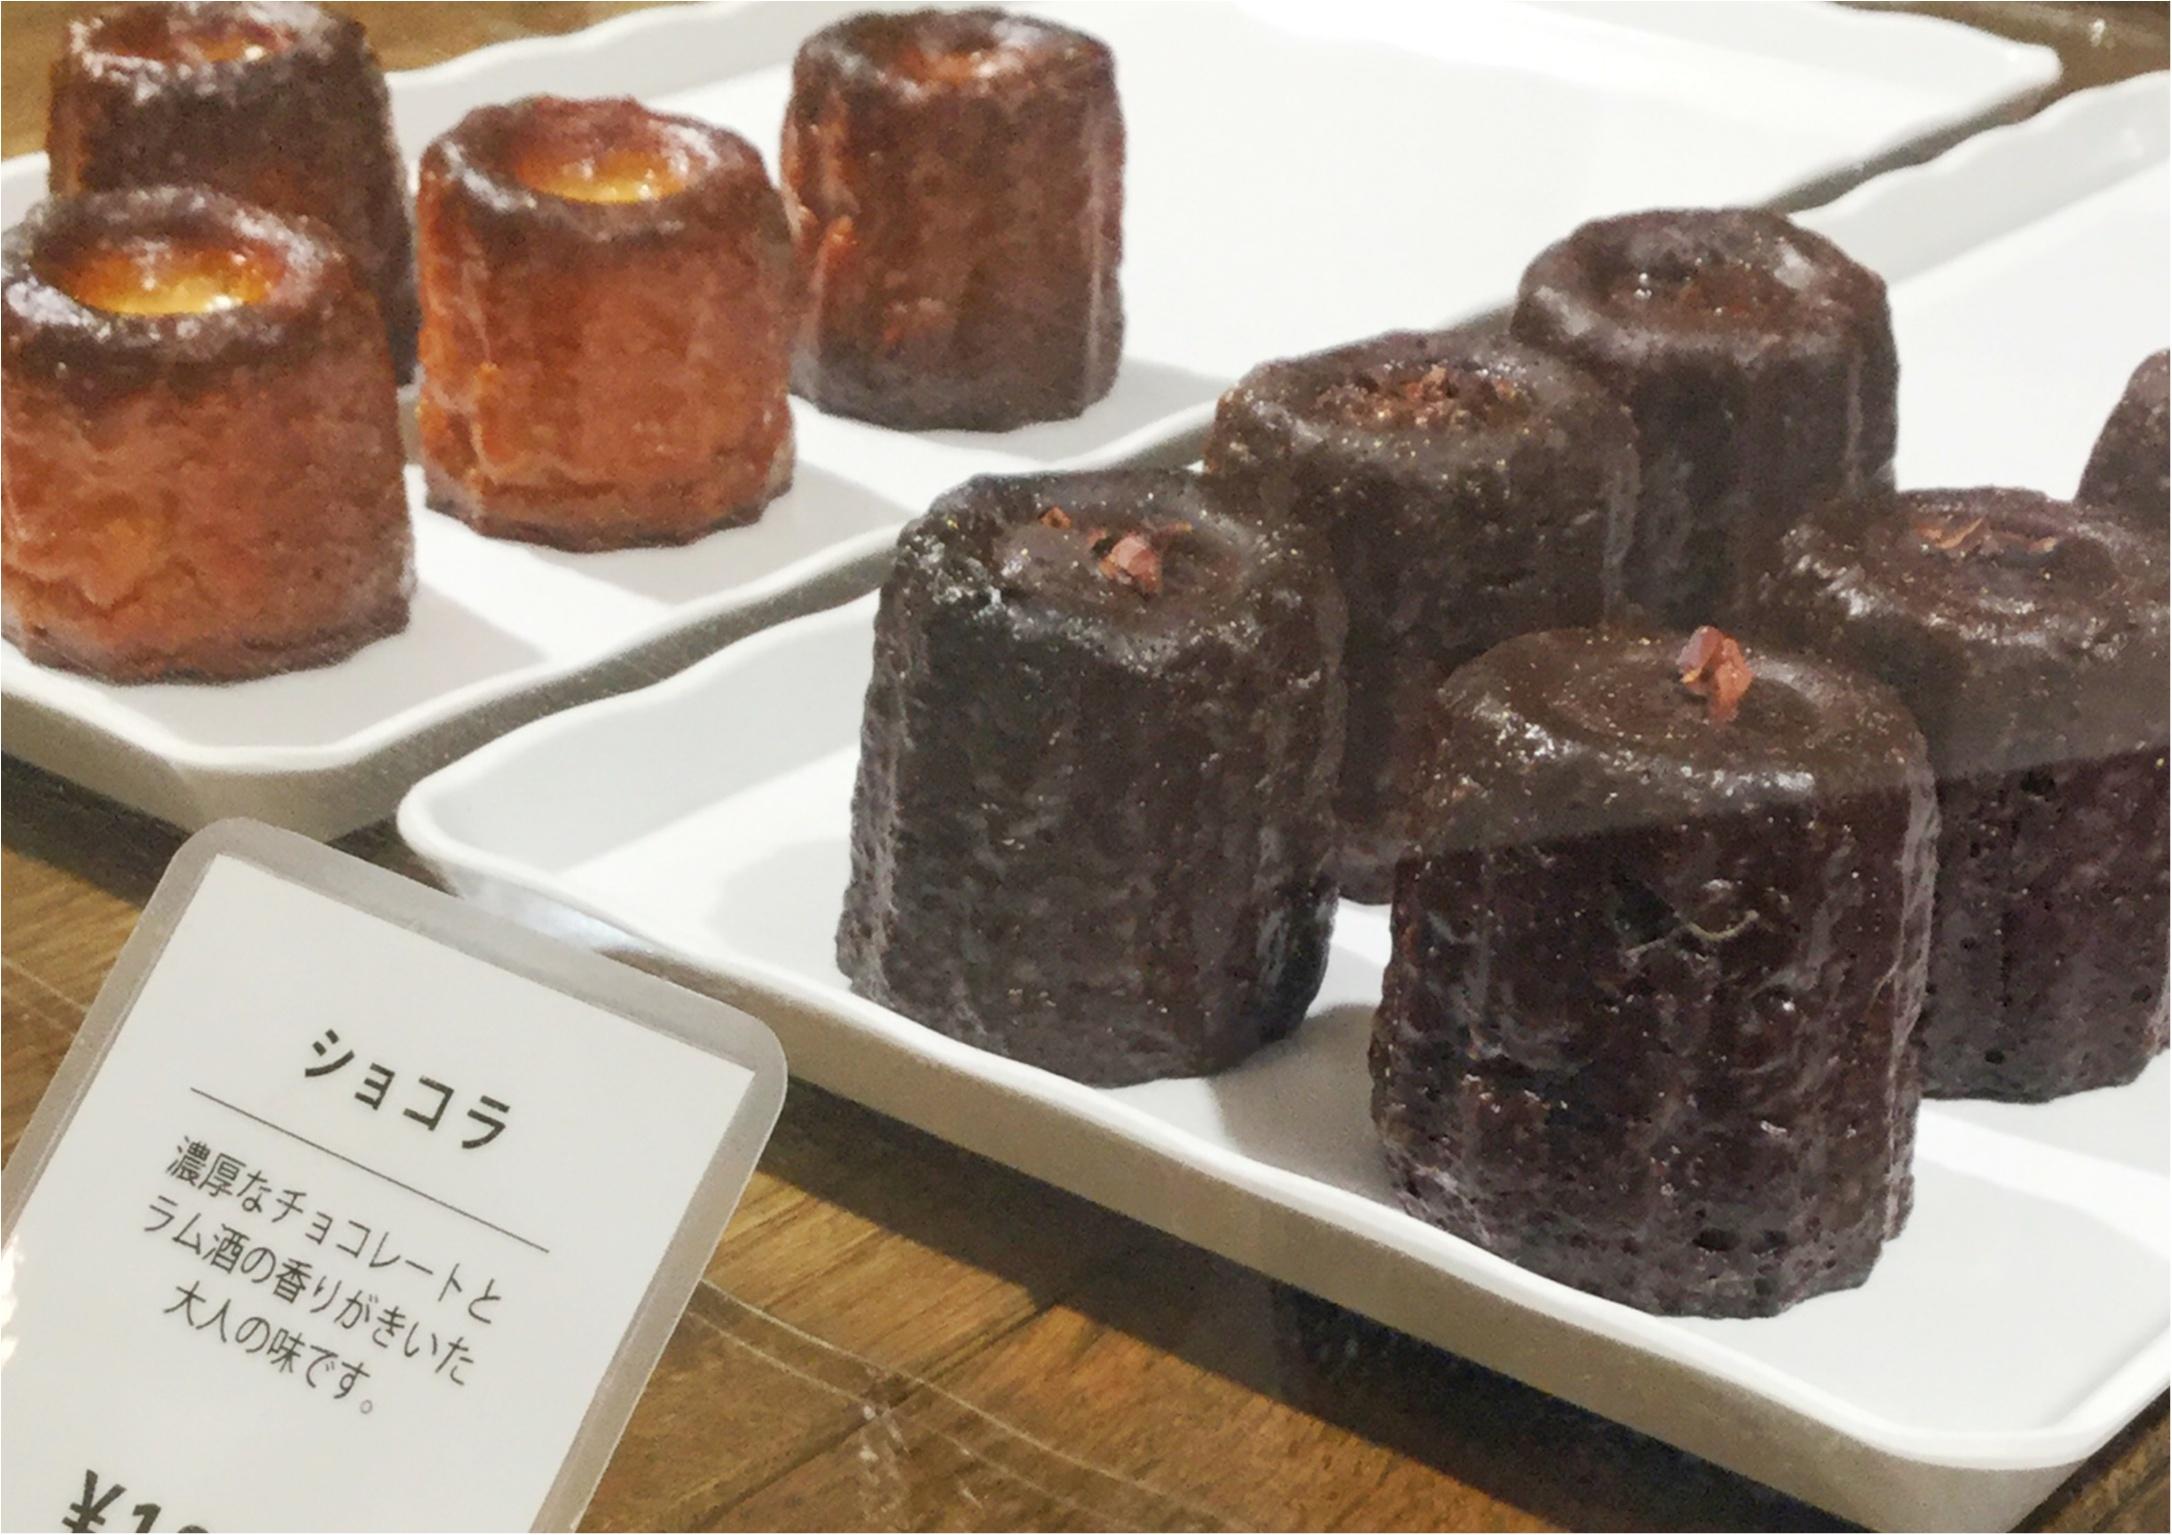 広島のおしゃれなお土産特集《2019年》- 人気の定番土産から話題のチョコ、スタバの限定タンブラーも!_38